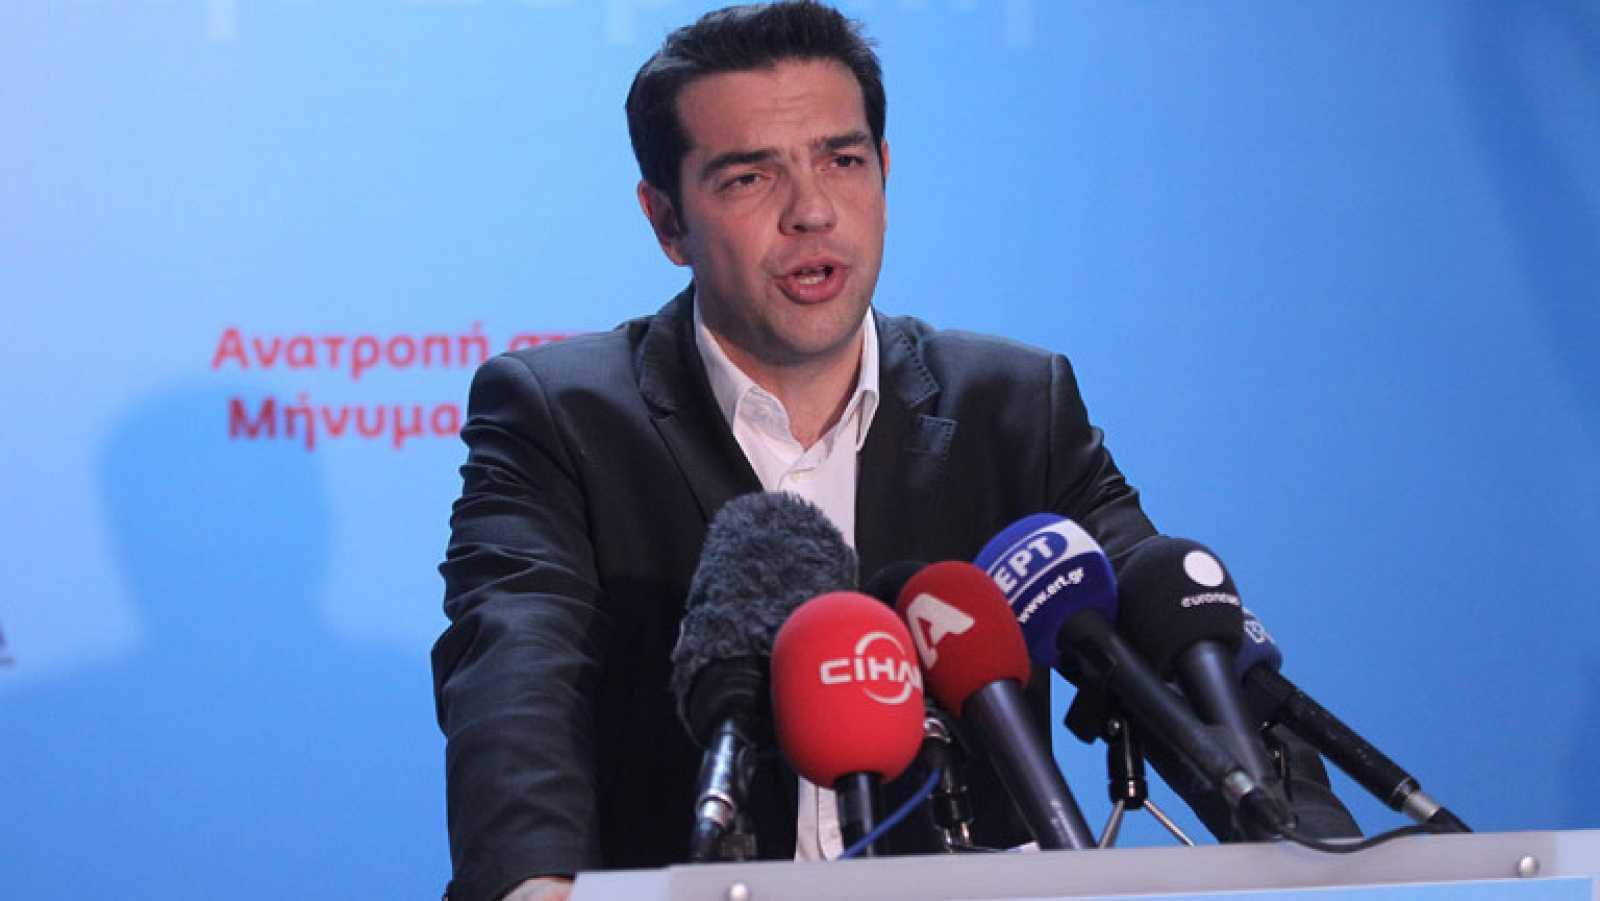 Declaraciones del candidato de Syriza, segundo partido en las elecciones griegas